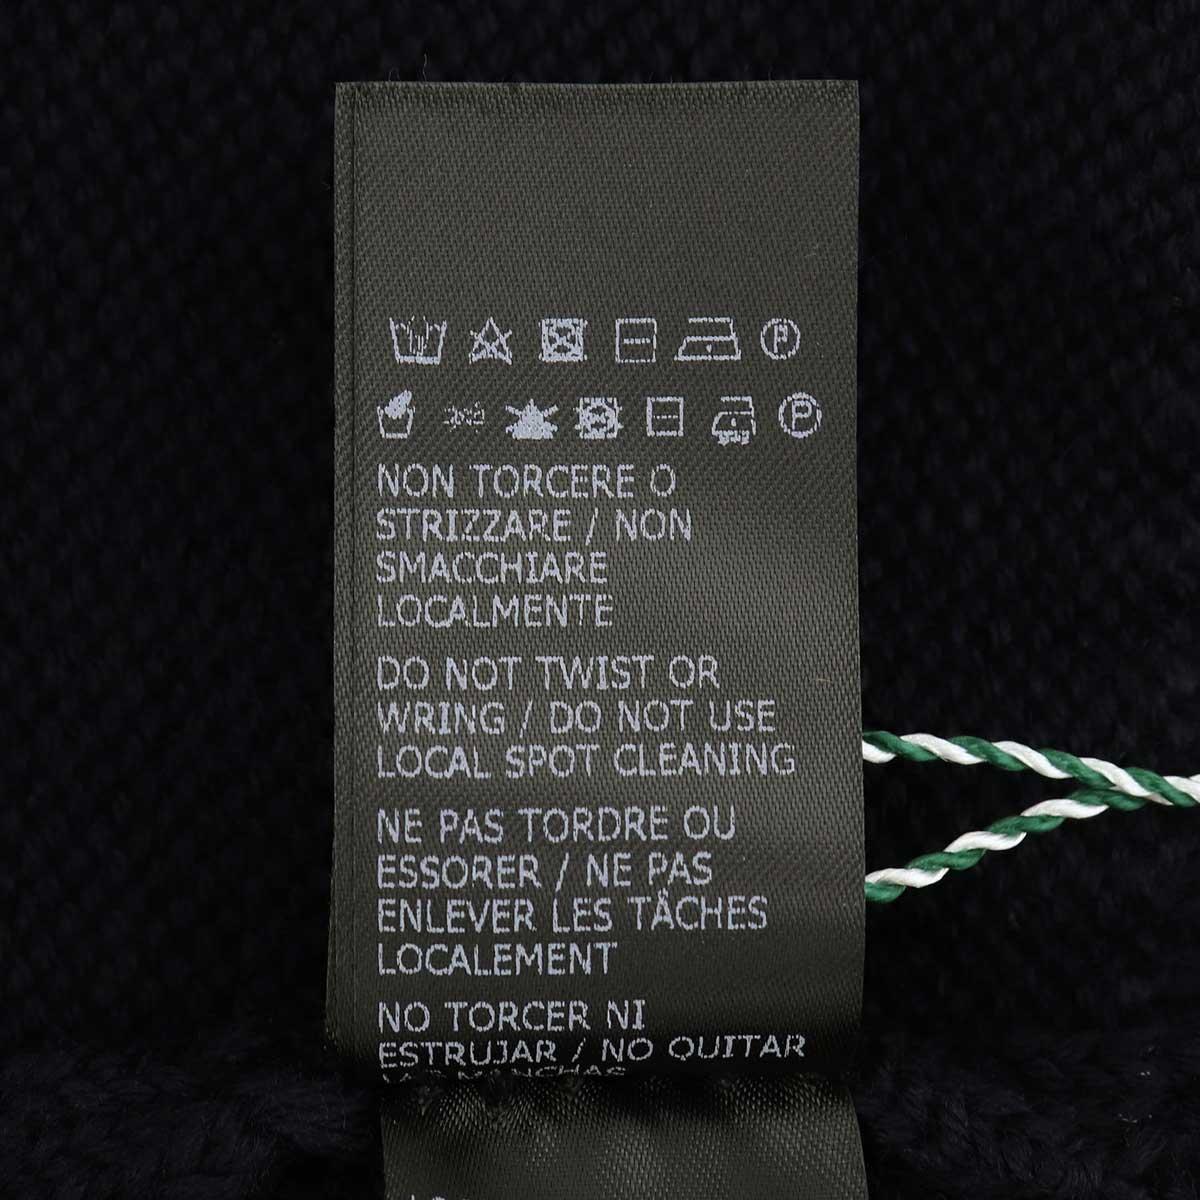 【クリアランスセール】ザノーネ ZANONE メンズ ミドルゲージニット クルーネック ウールセーター GIRO IF 811258 Z0229 Z1375(ネイビー)【返品交換不可】